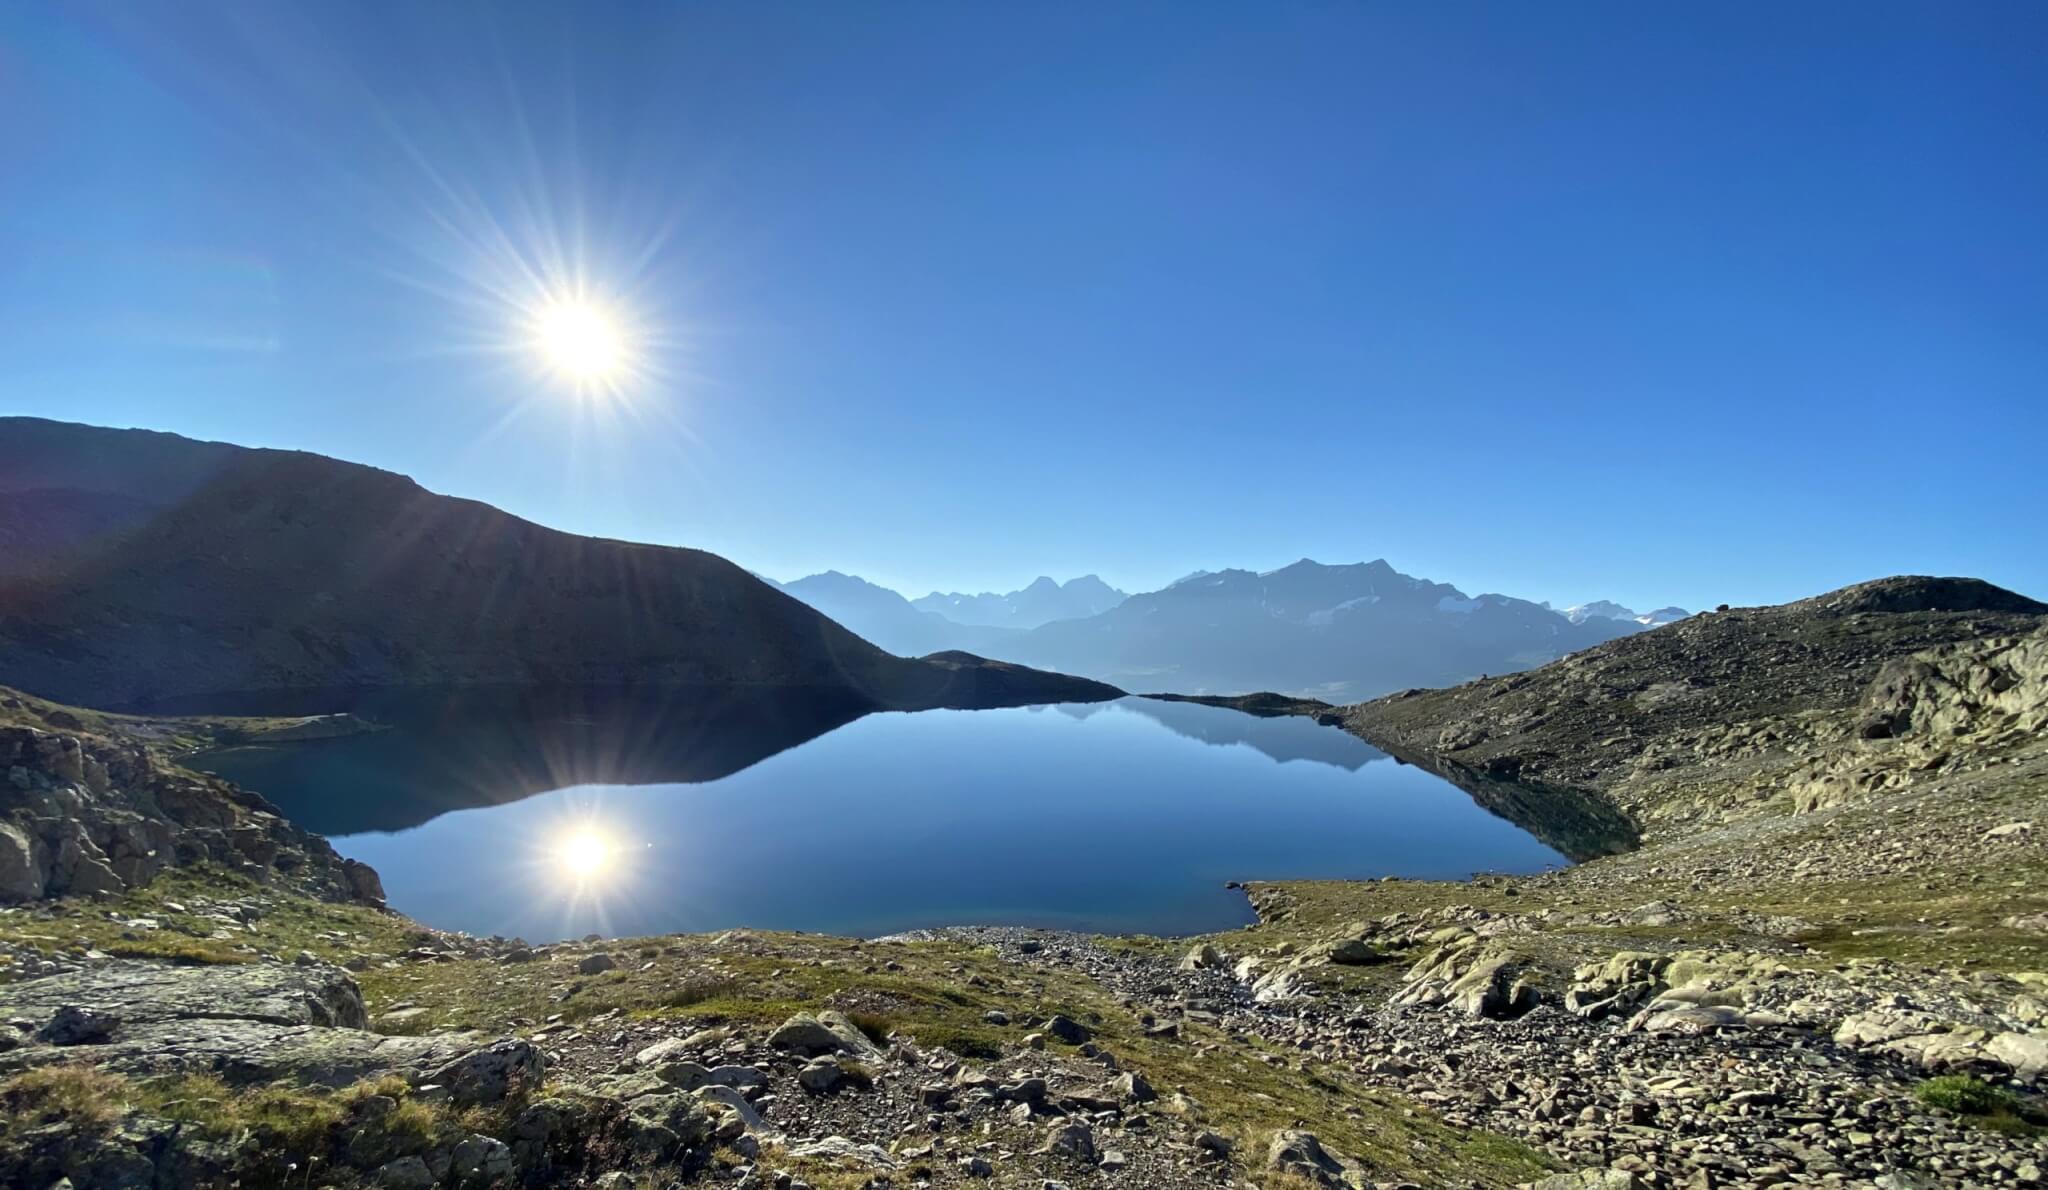 Des paysages arides vers le lac de Tscheppa (c) Luca Ricou